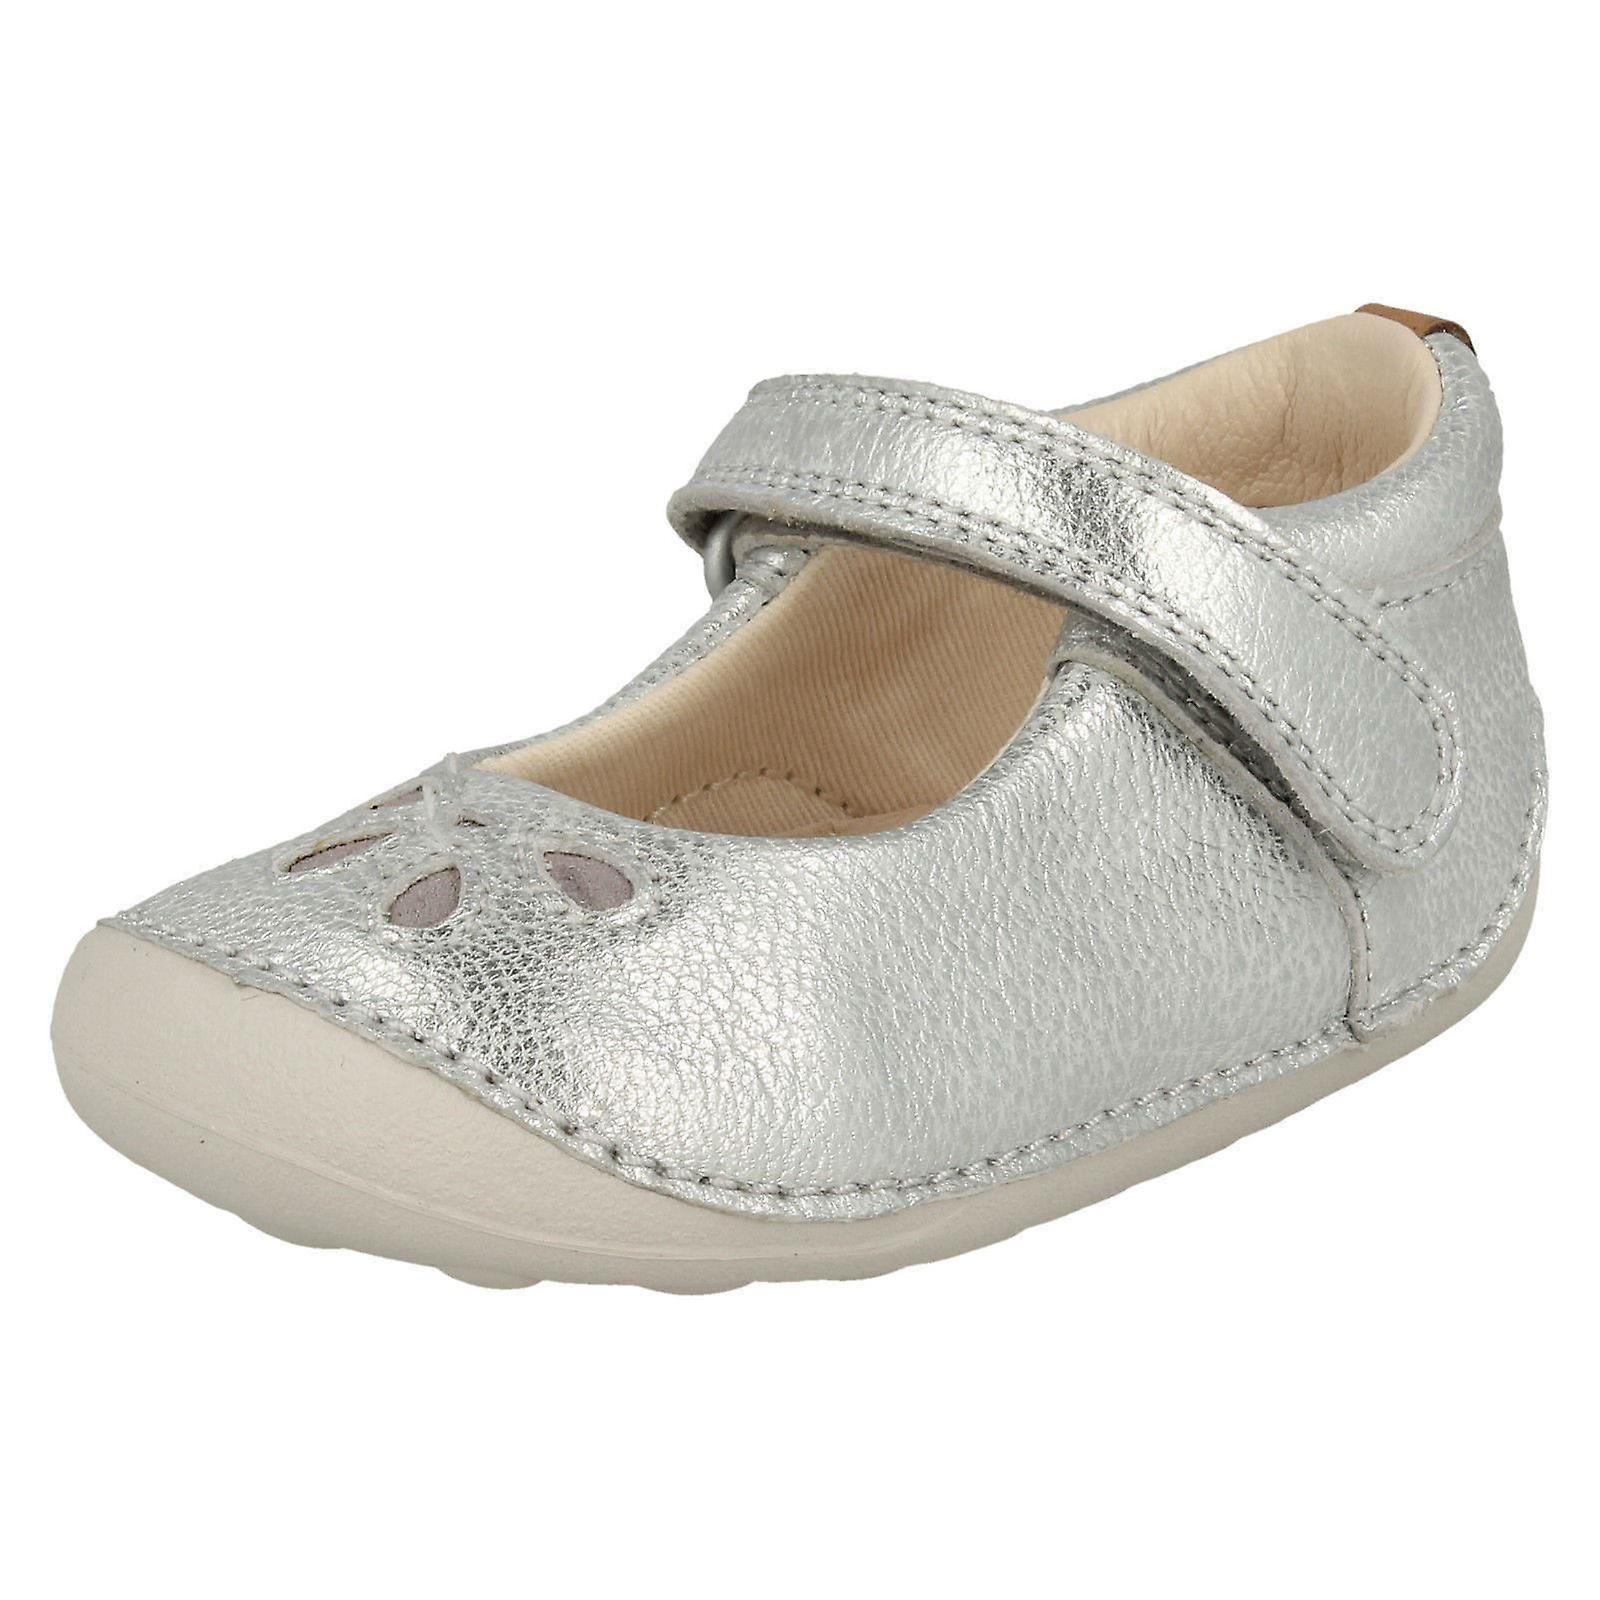 Mädchen wunderschöne Pre Walker Schuhe kleine Eden